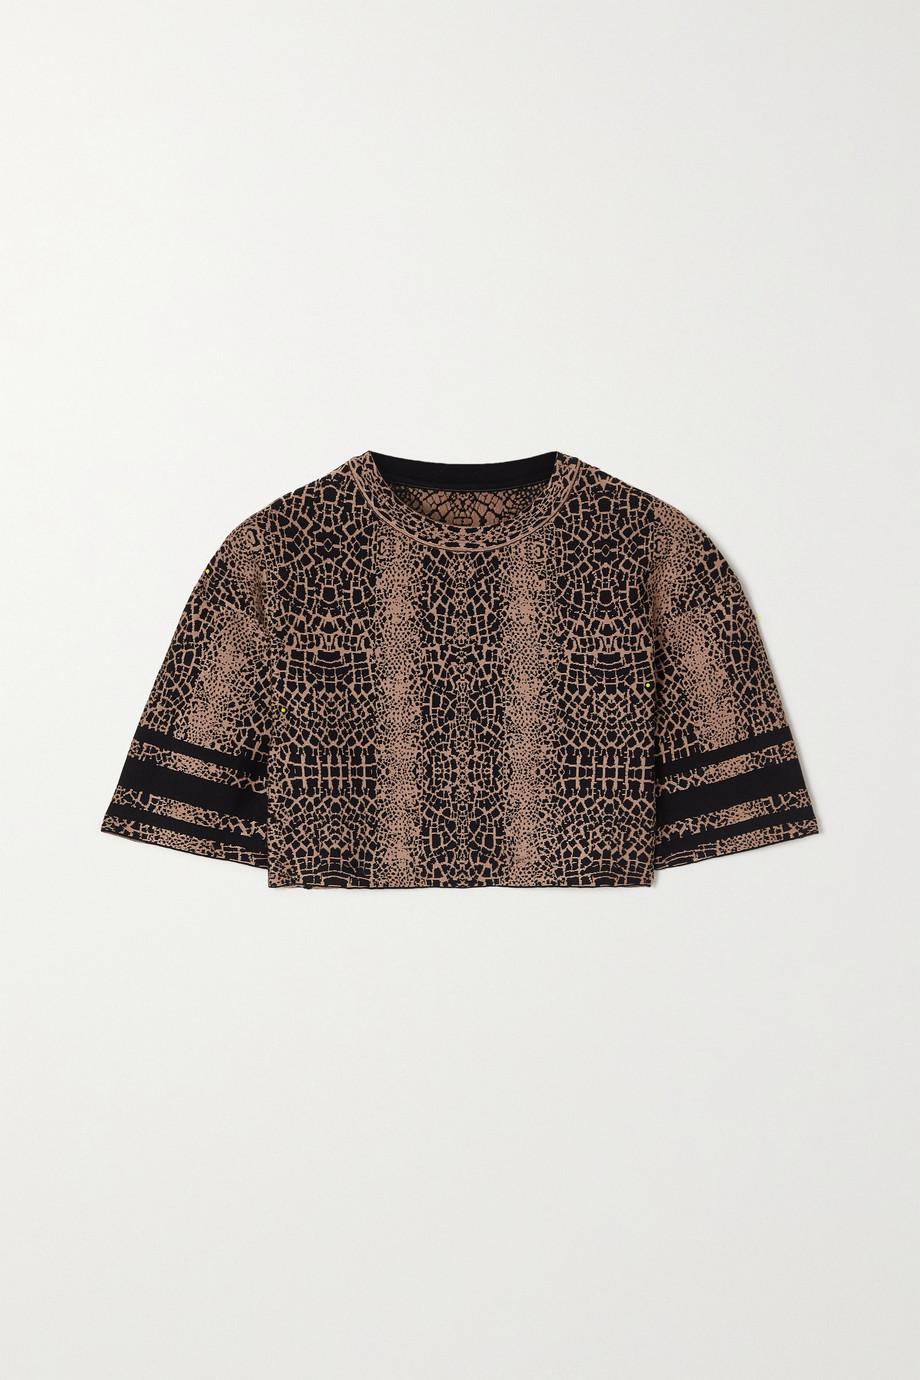 Alaïa Verkürztes T-Shirt aus Jacquard-Strick mit Leopardenmuster